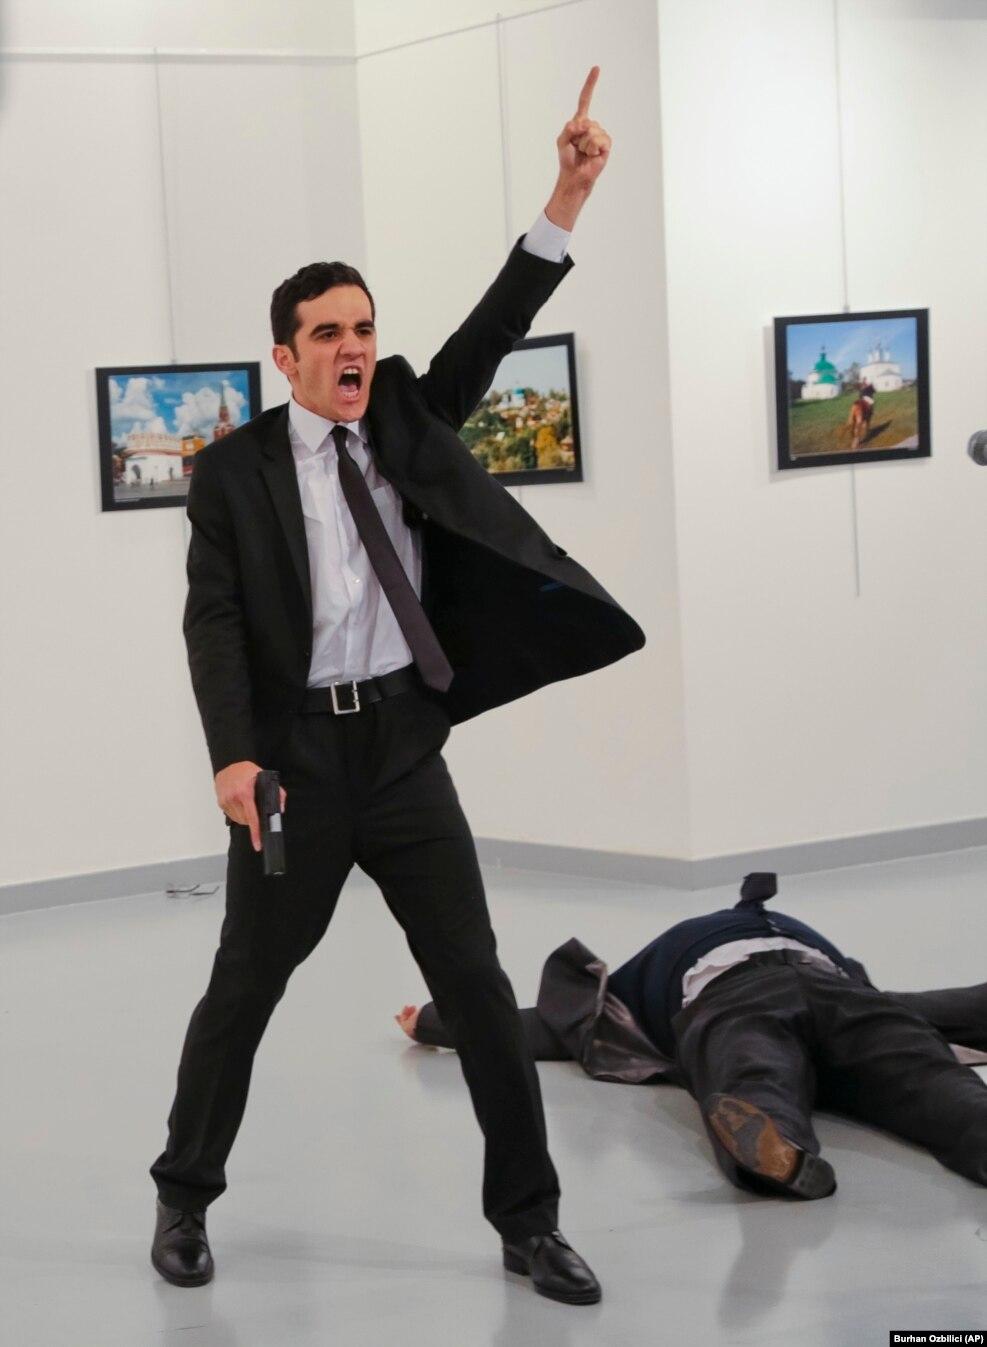 یک مامور پلیس ضدشورش،در نوزدهم دسامبر، آندری کارلوف سفیر روسیه در ترکیه را در گالری هنری در آنکارا کشت.